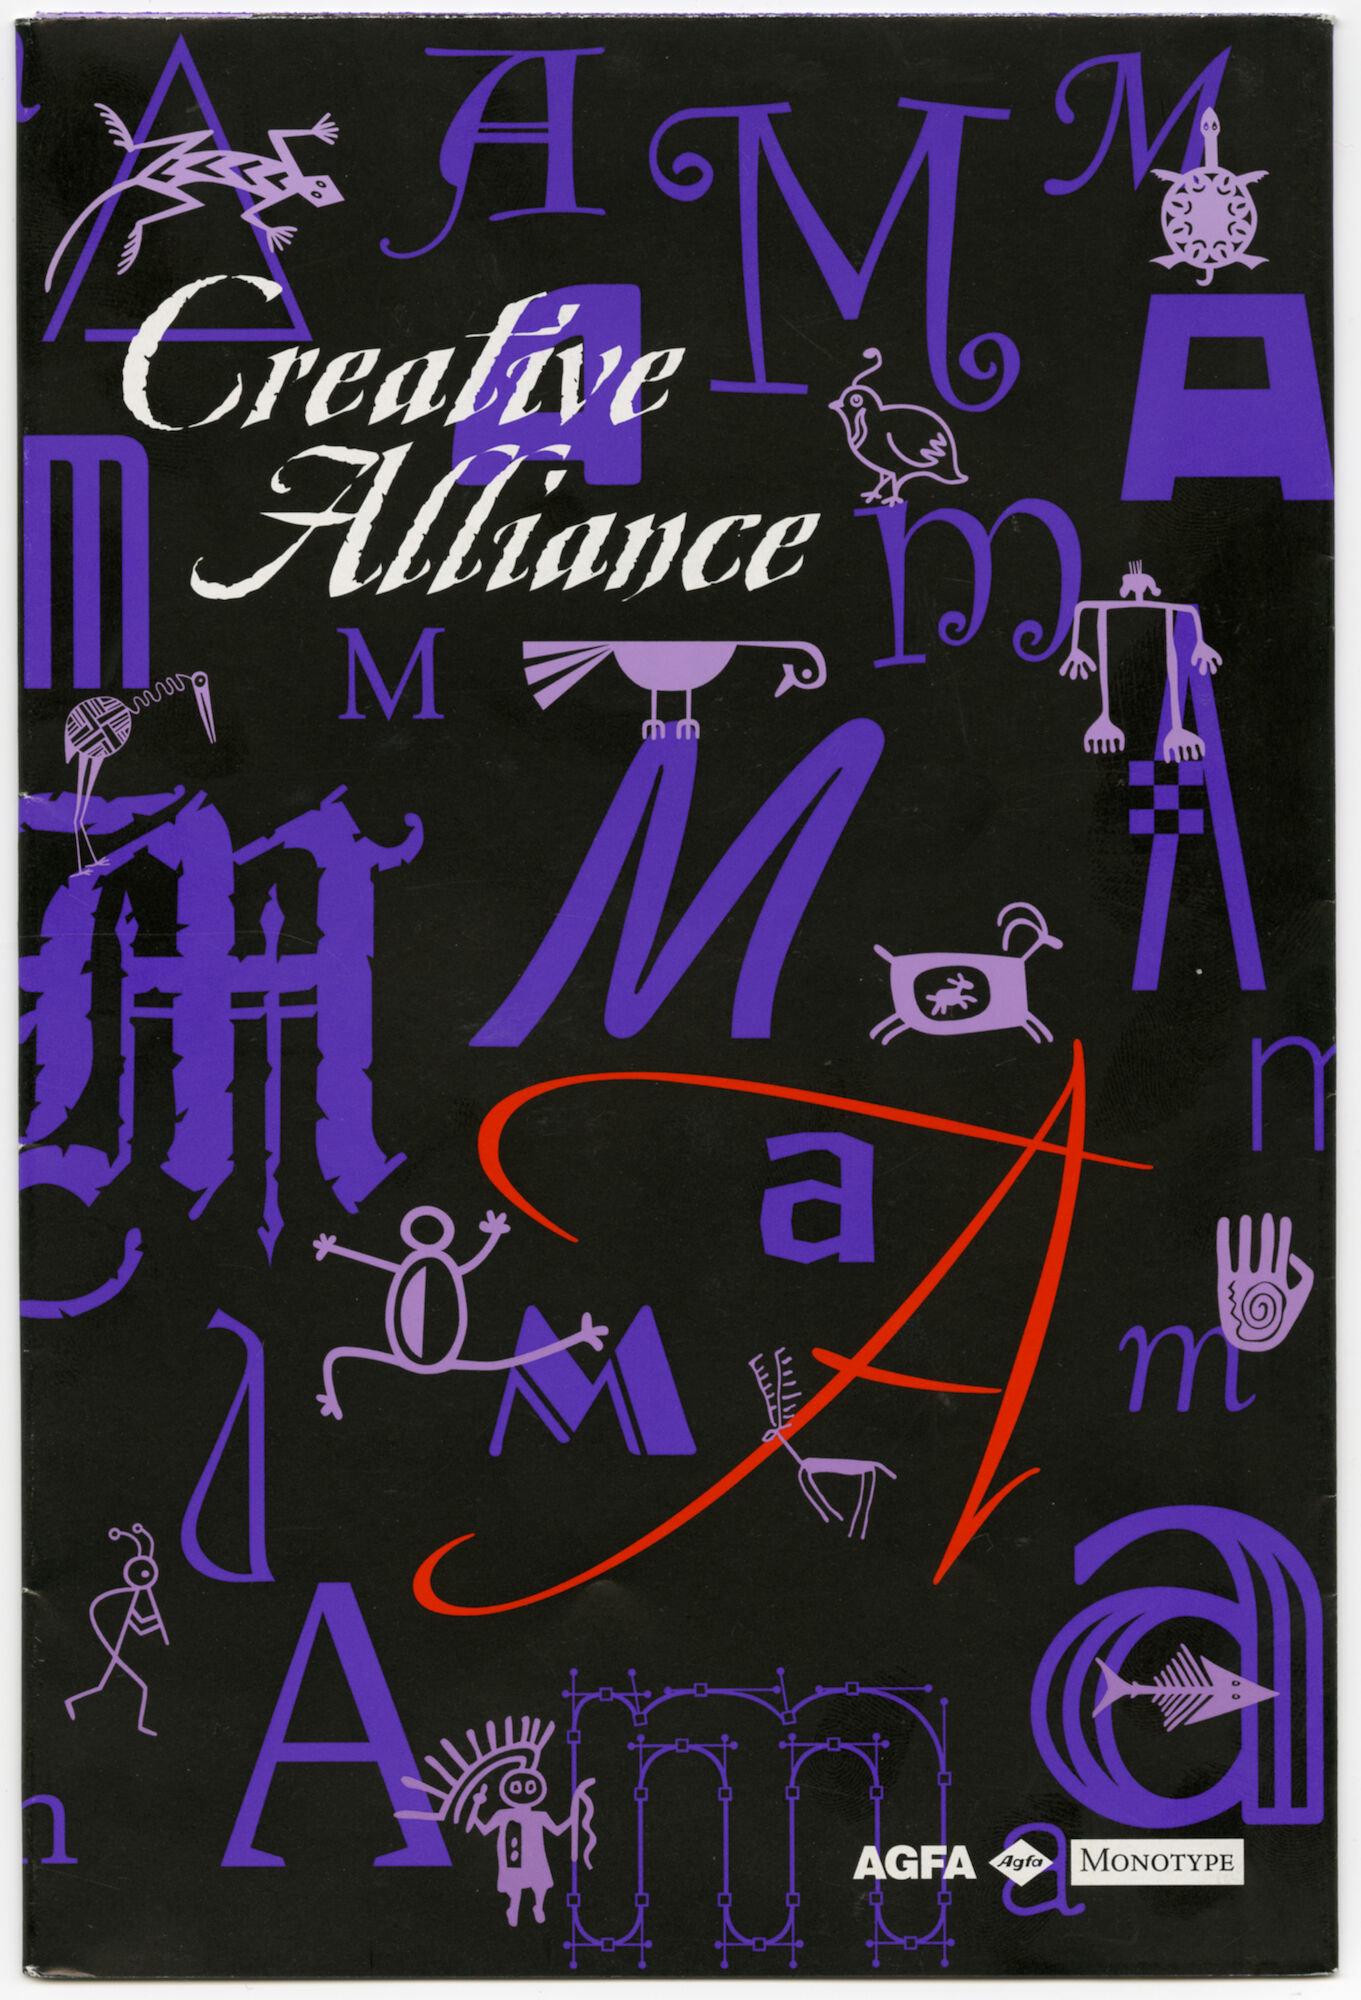 Letterproef met lettertypes van Agfa en Monotype